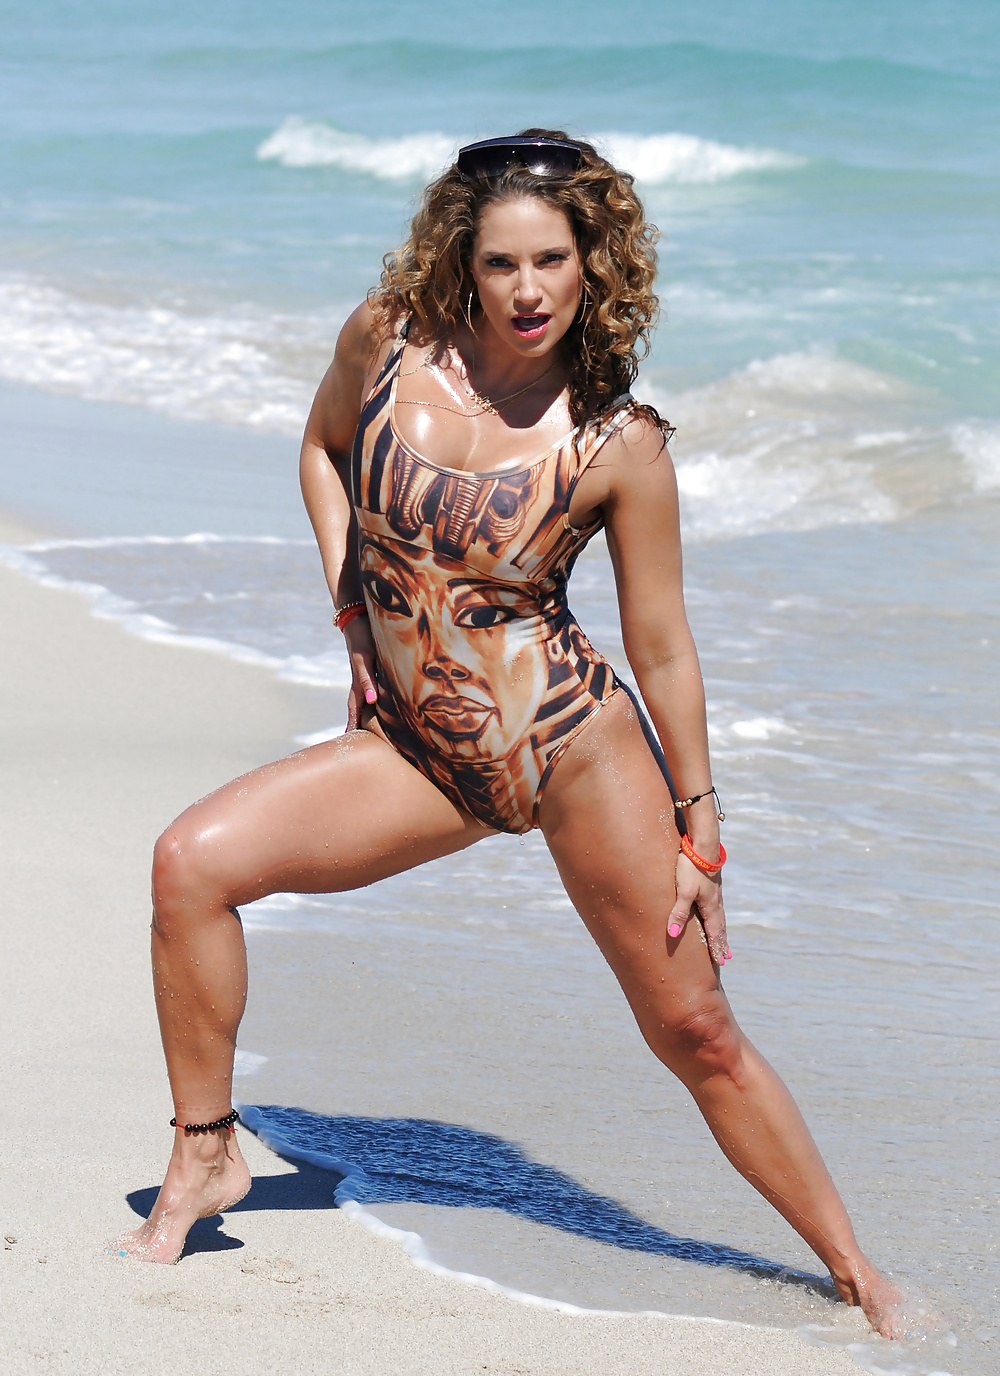 Jennifer nicole lee hot bikni